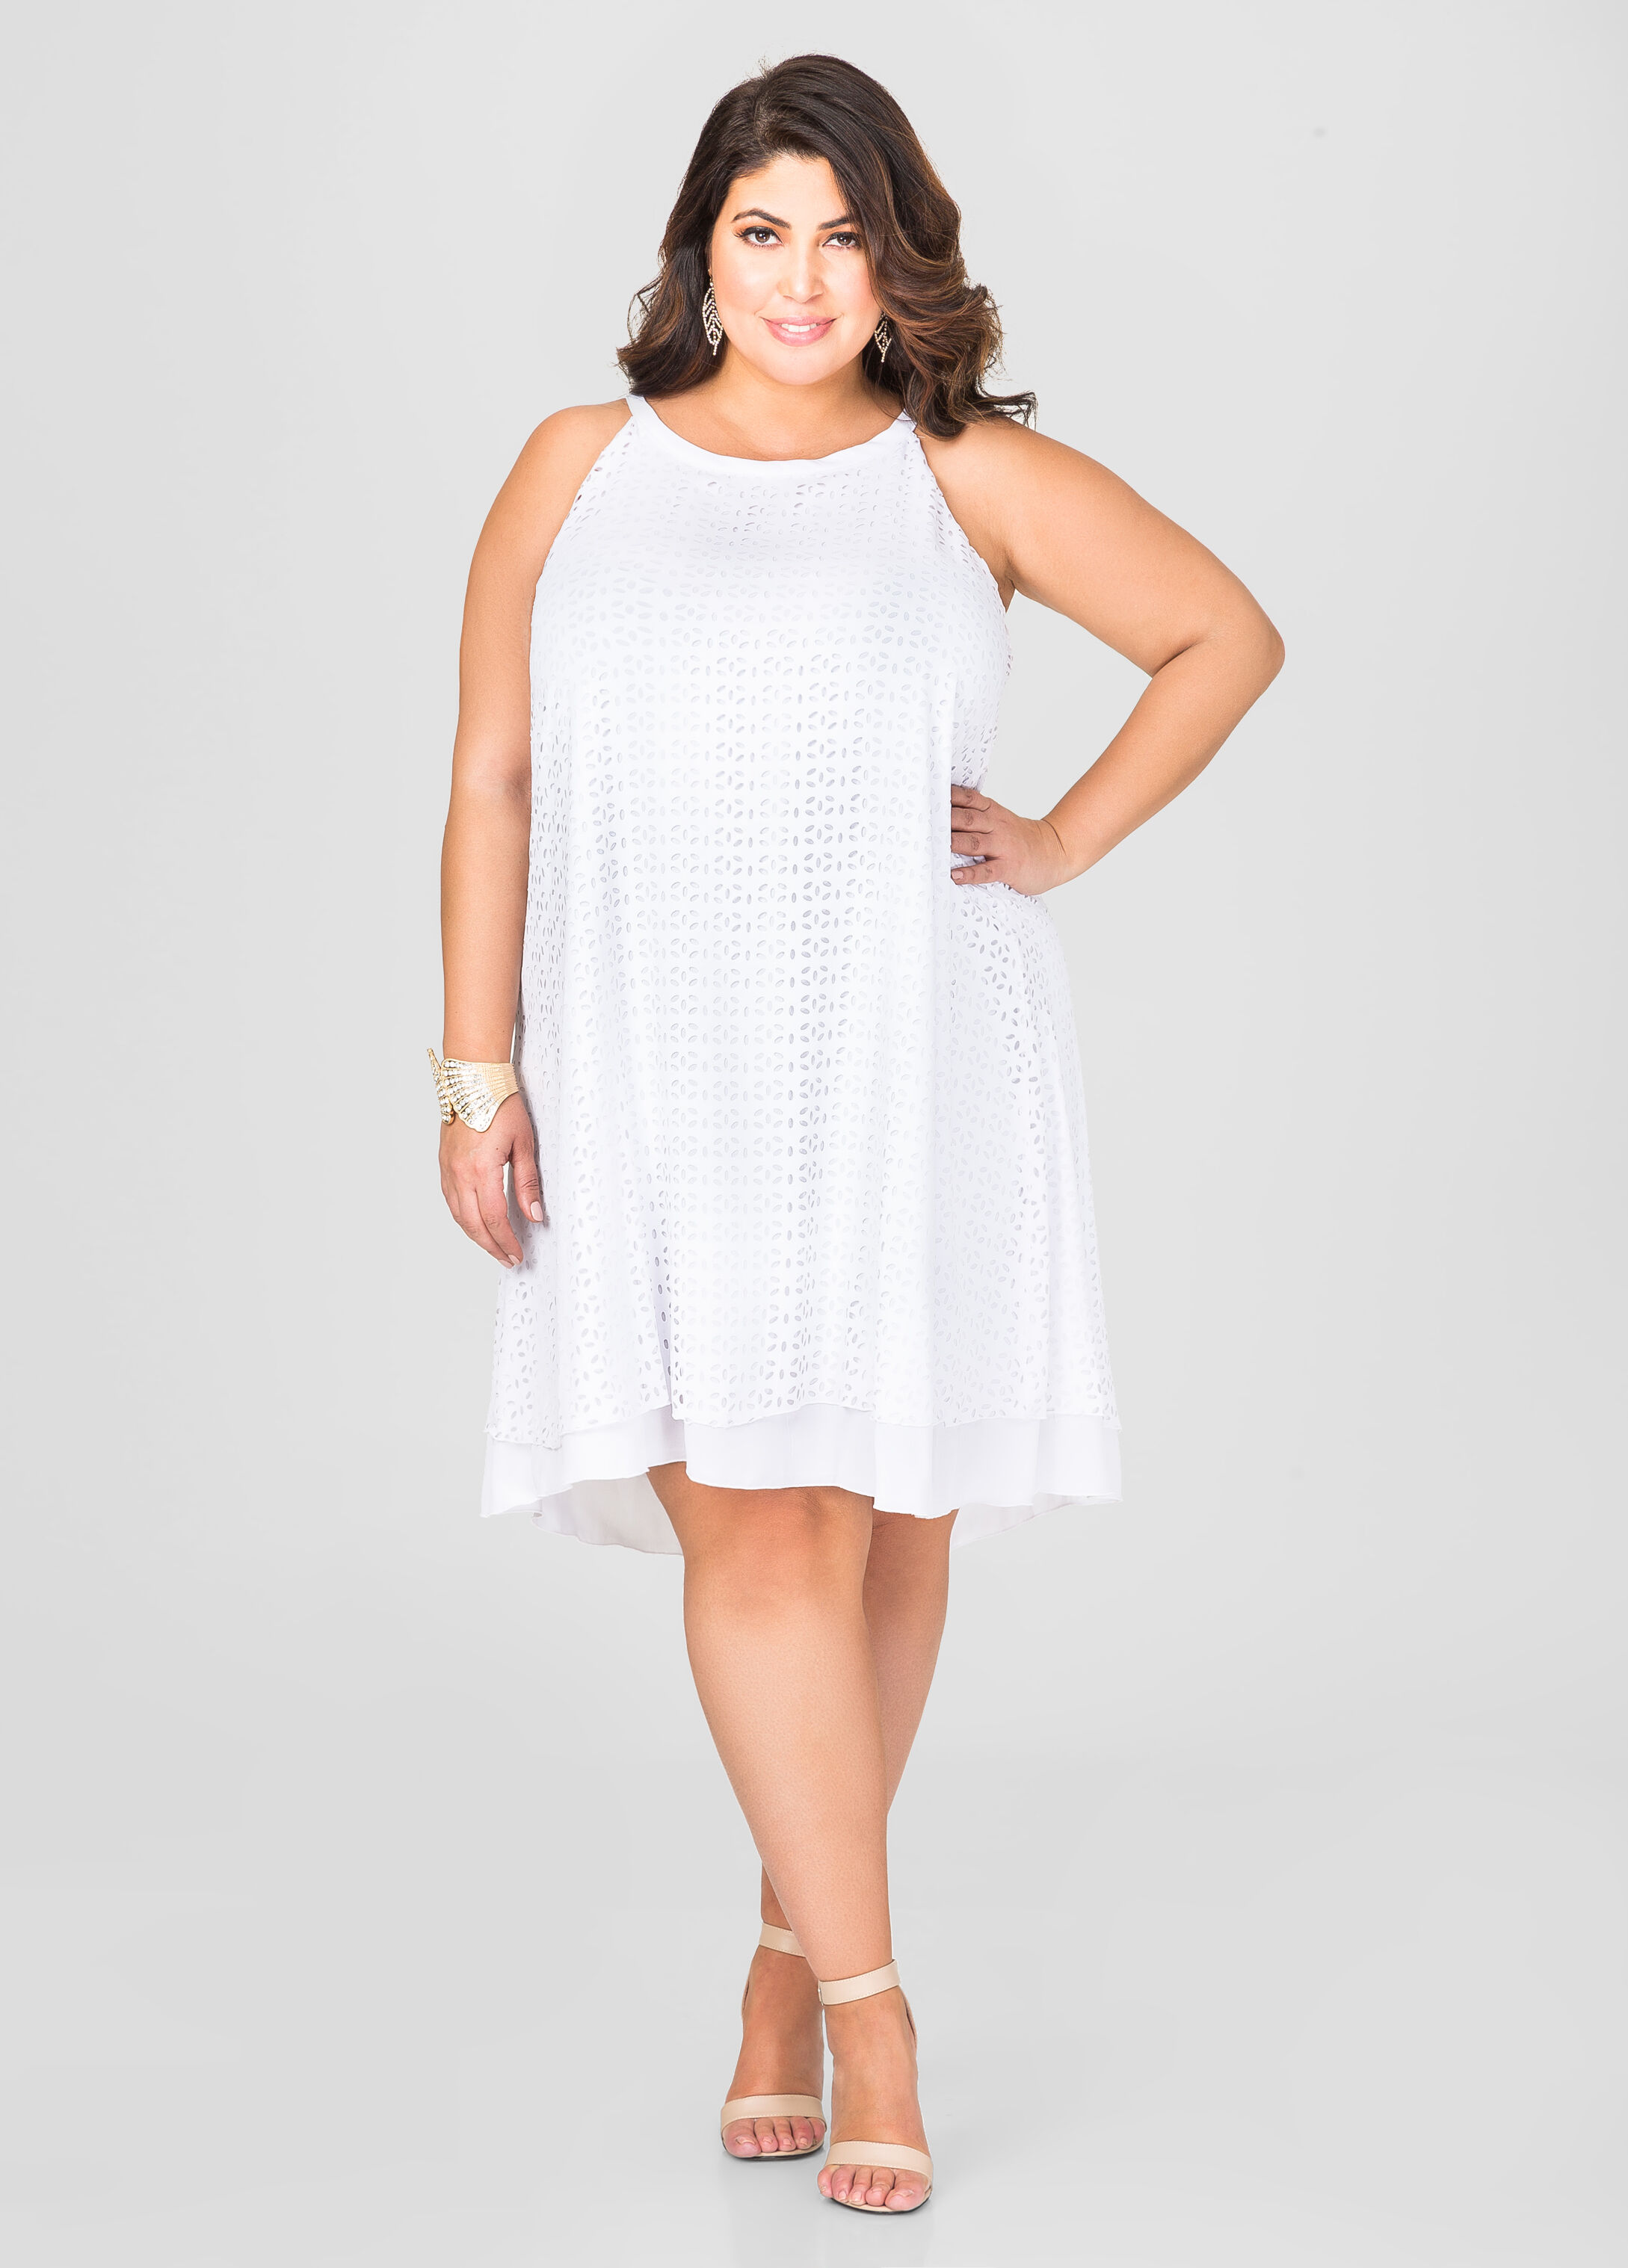 Laser cut trapeze dress plus size dresses ashley stewart Ashley stewart wedding dresses